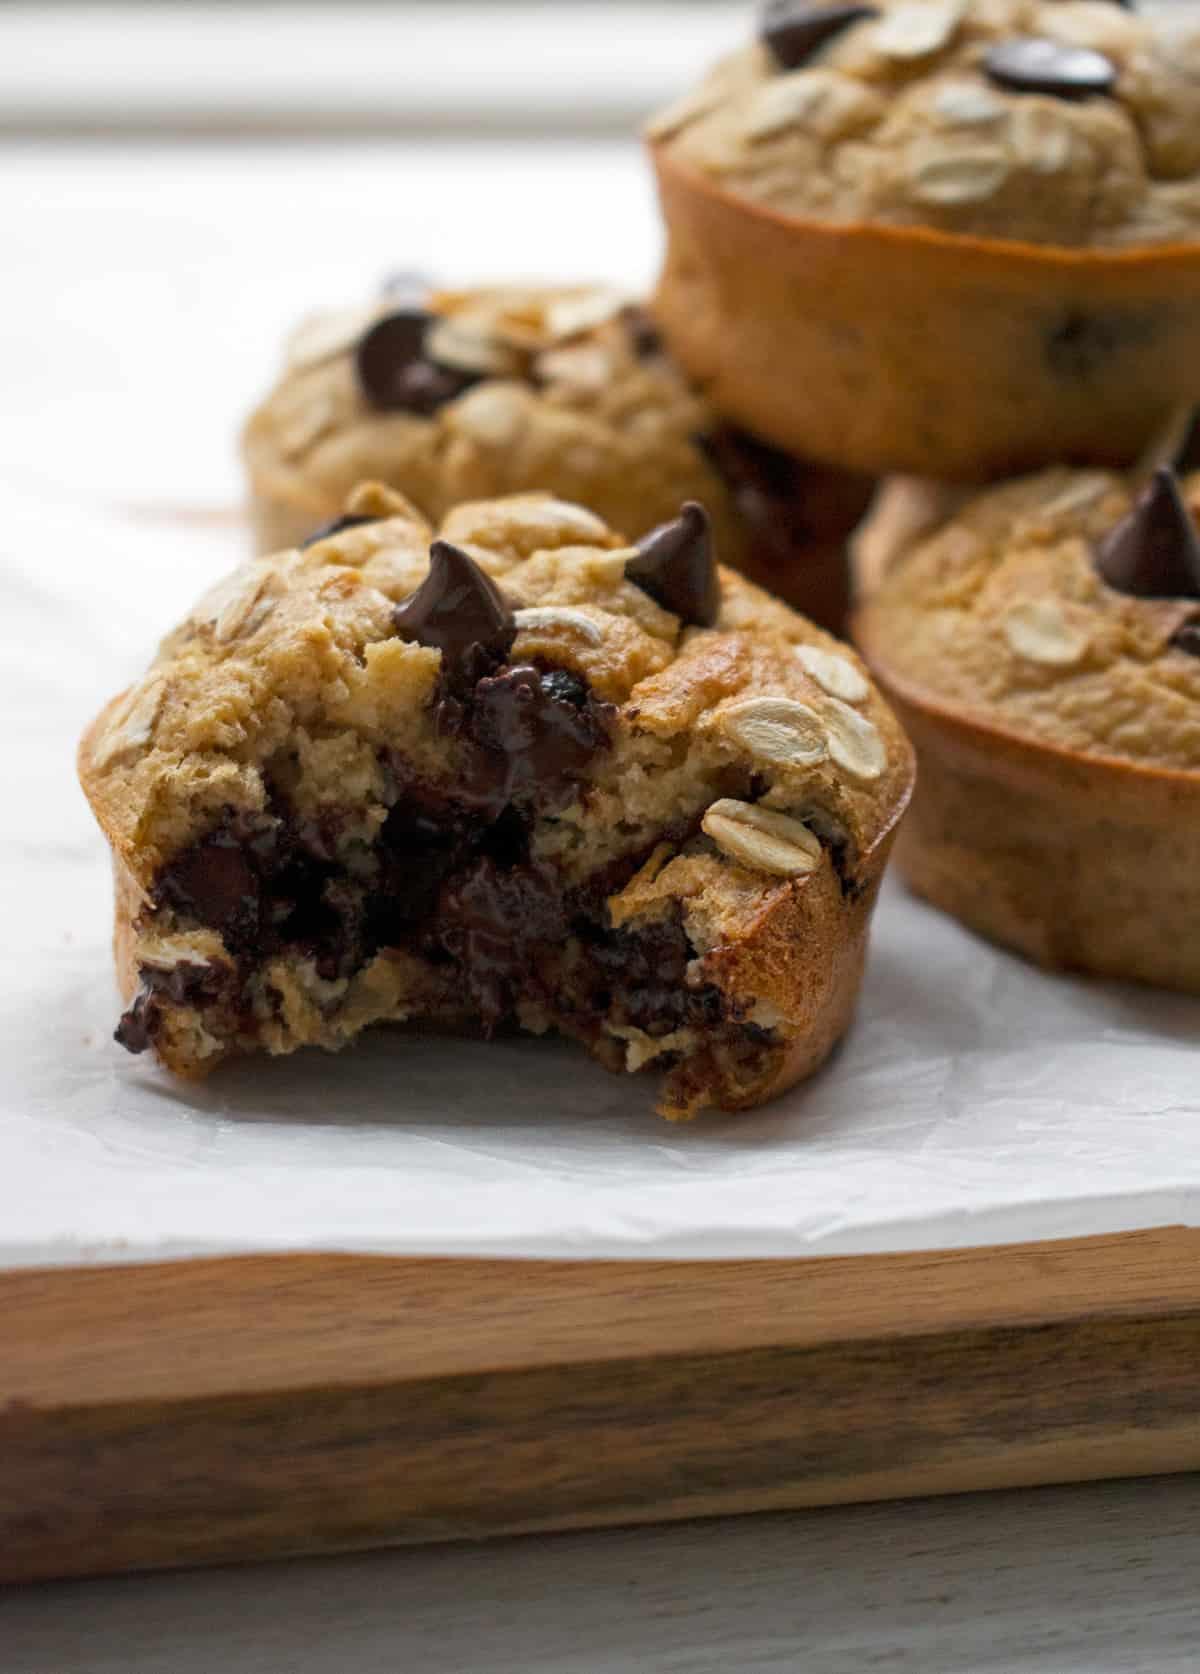 muffins de chispas de chocolate y banana sobre una mesa